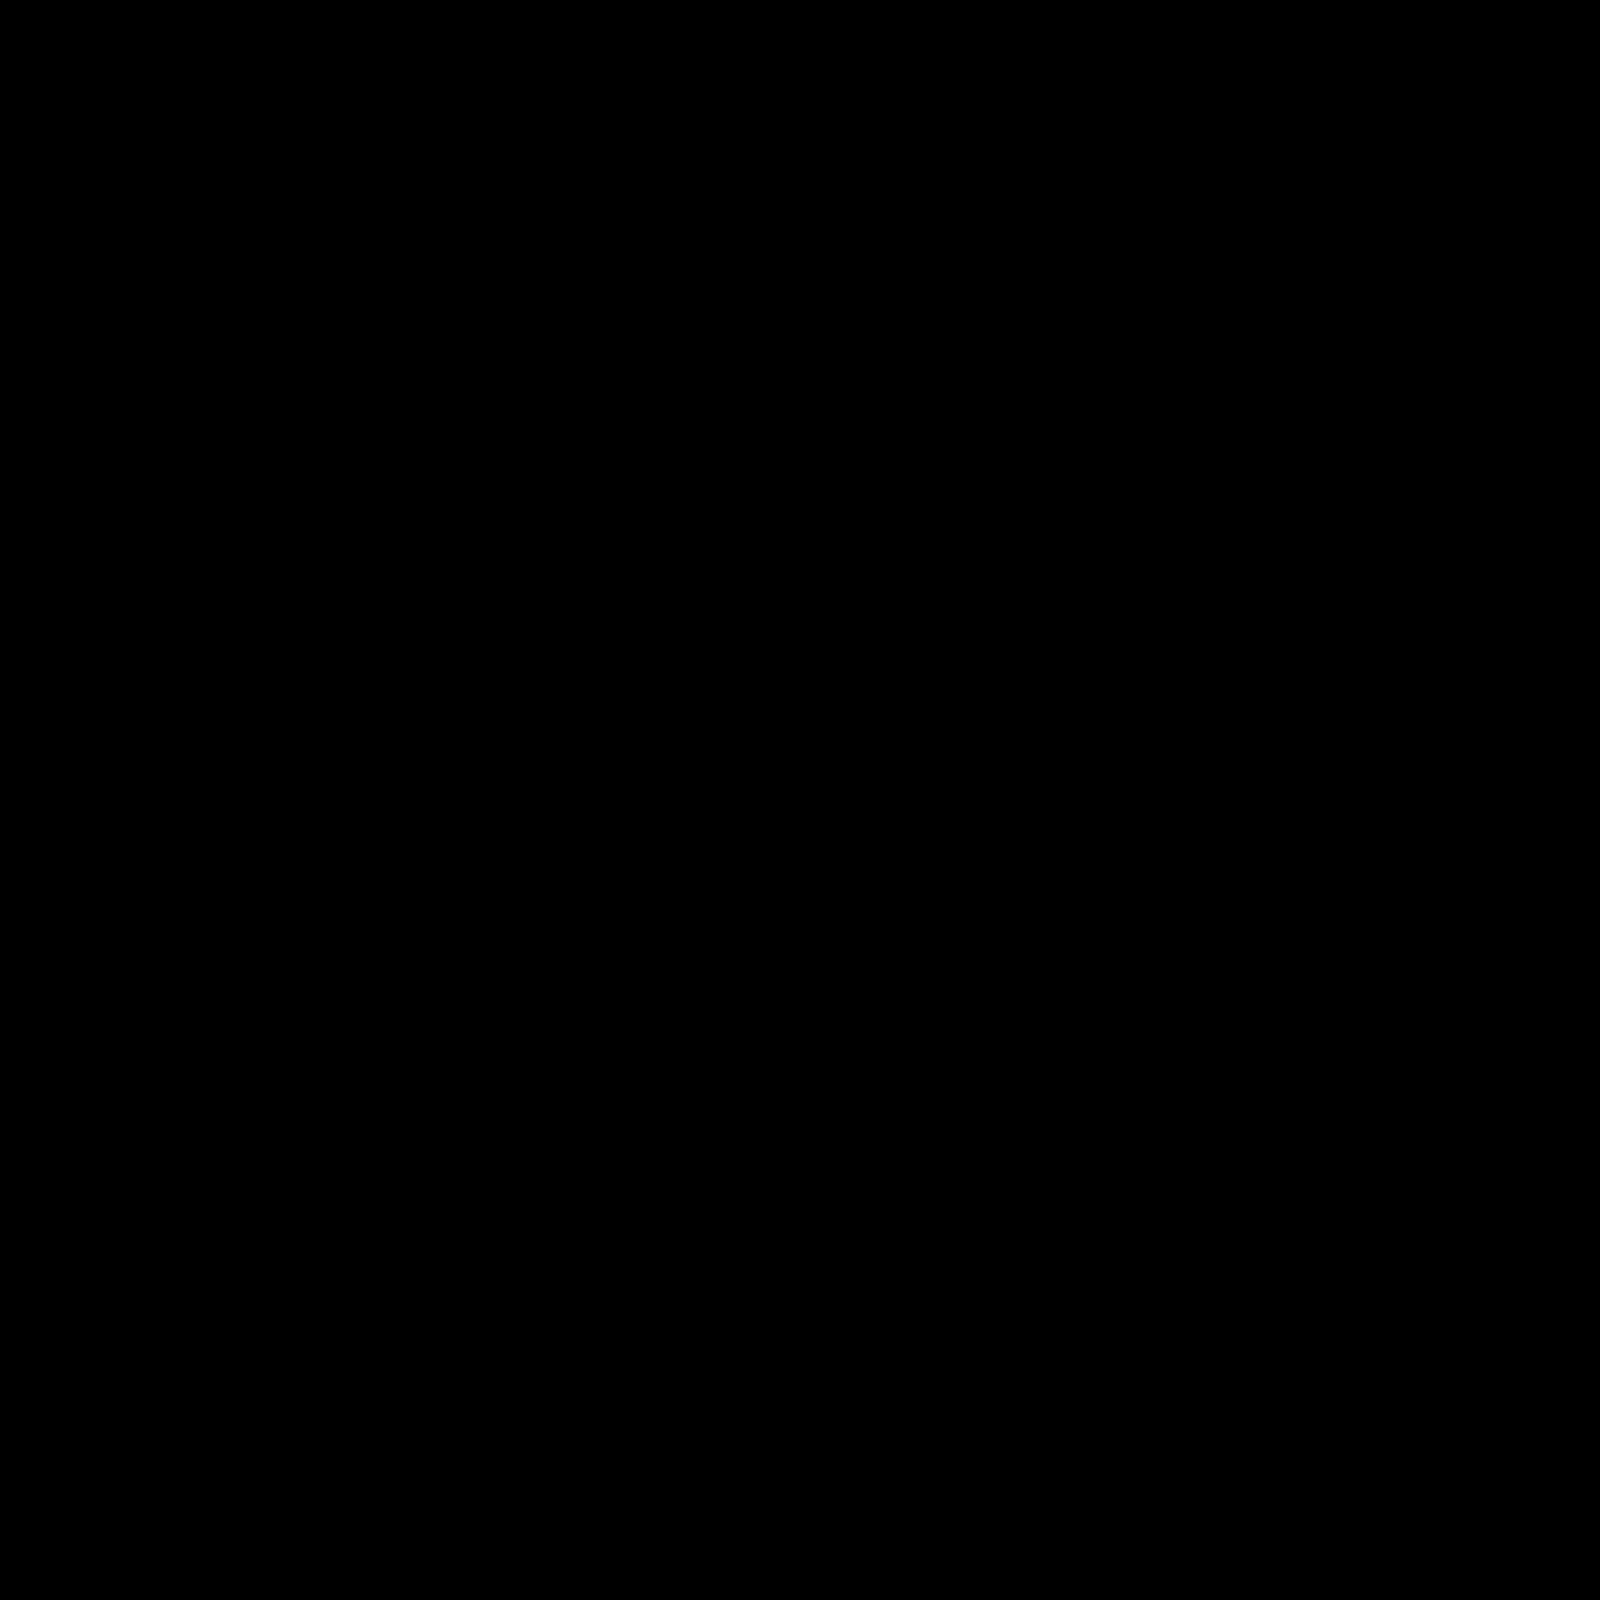 円 icon